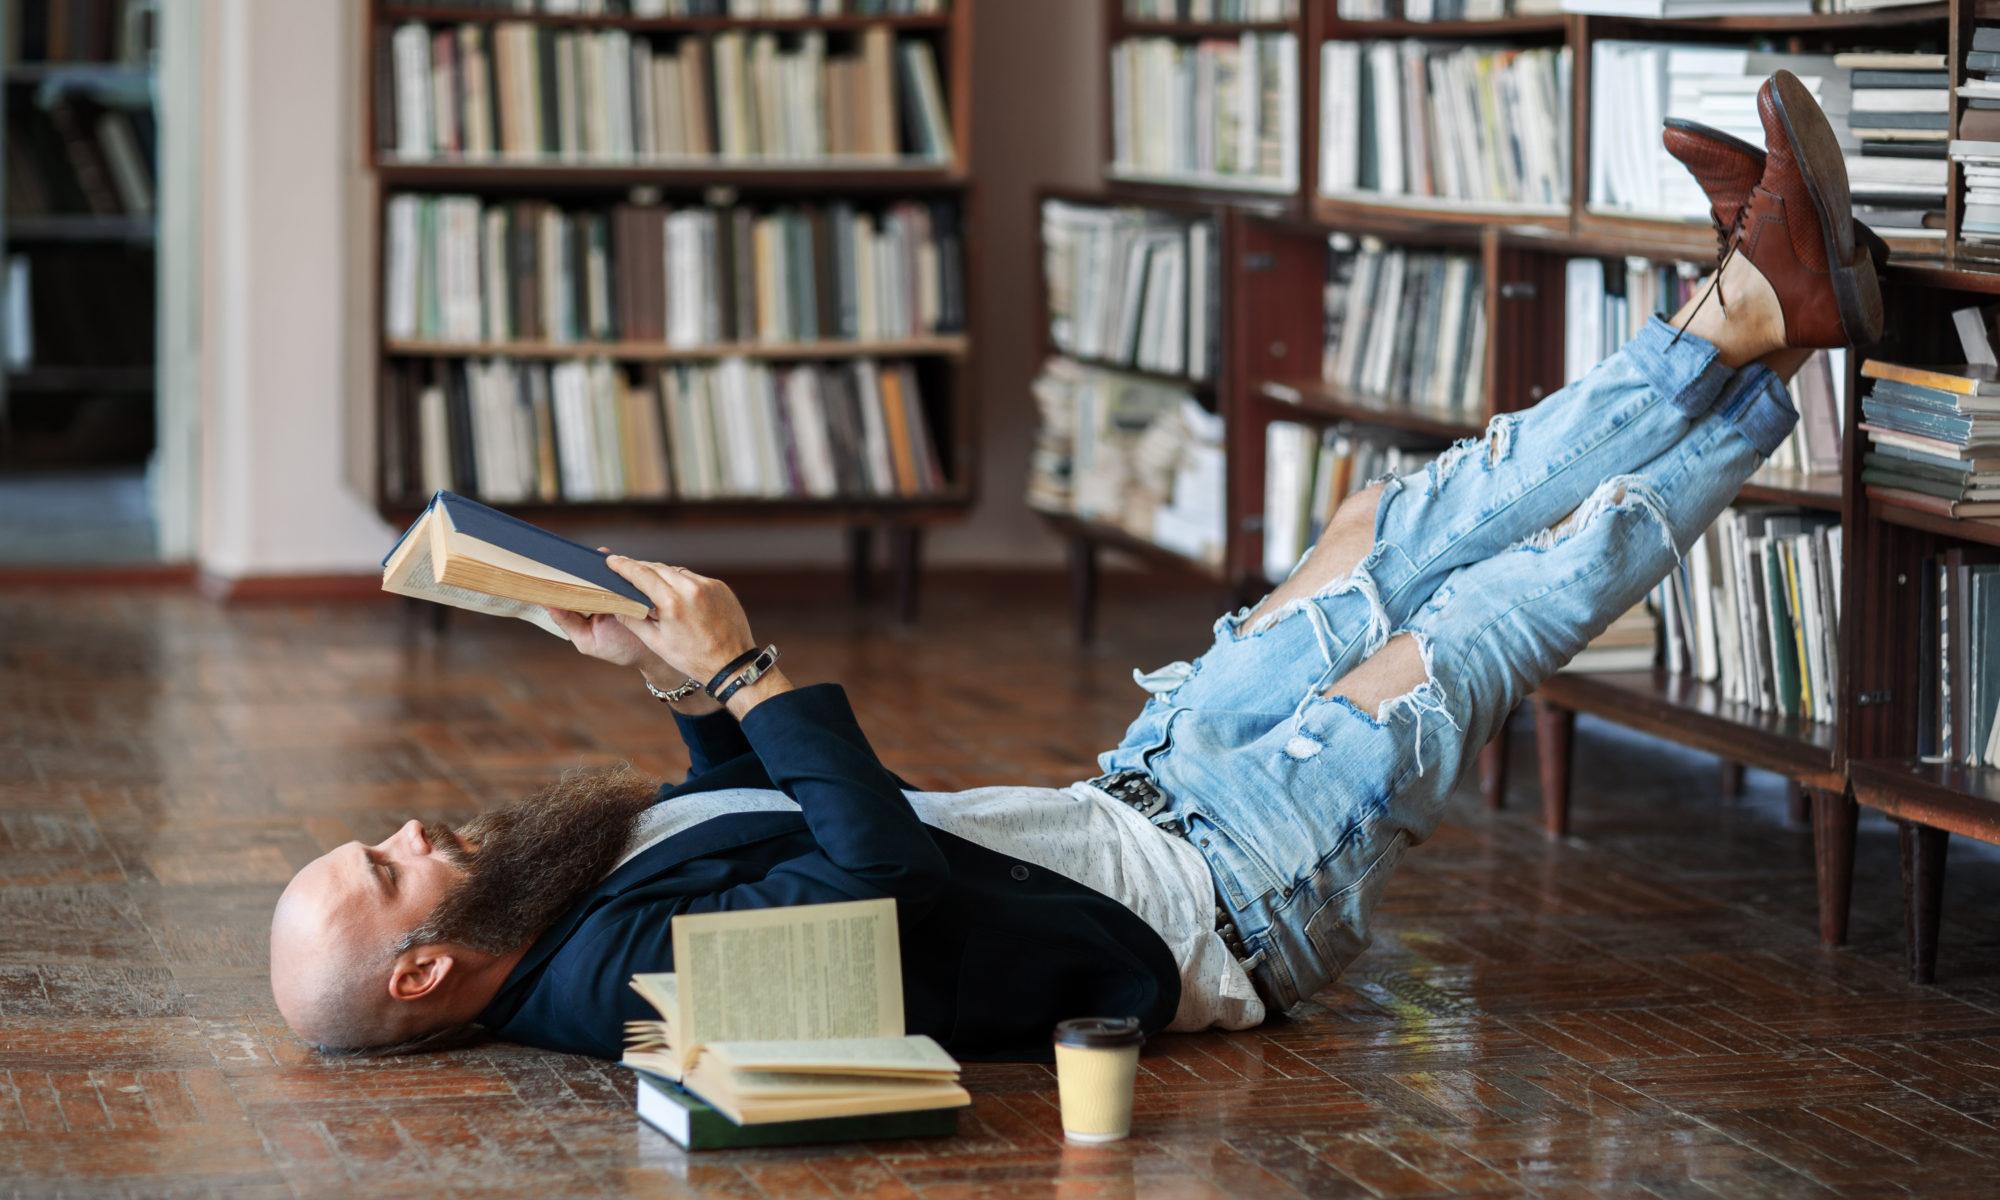 mężczyzna z brodą leżący na podłodze biblioteki